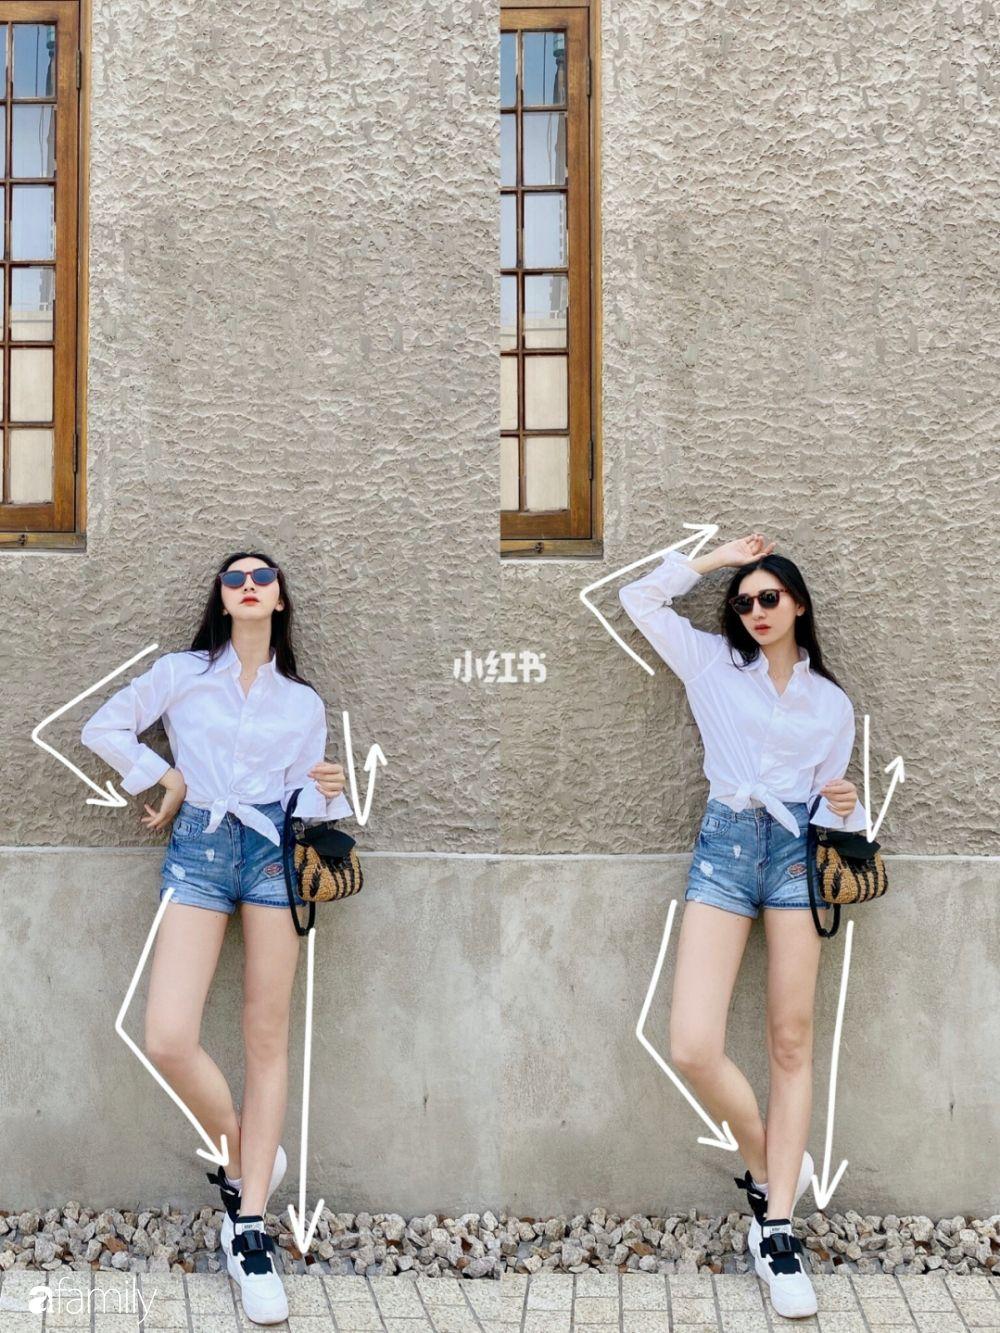 Ghim của αηgєℓ ♥ trên Tạo dáng   Trang phục style, Chụp ảnh, Thời trang